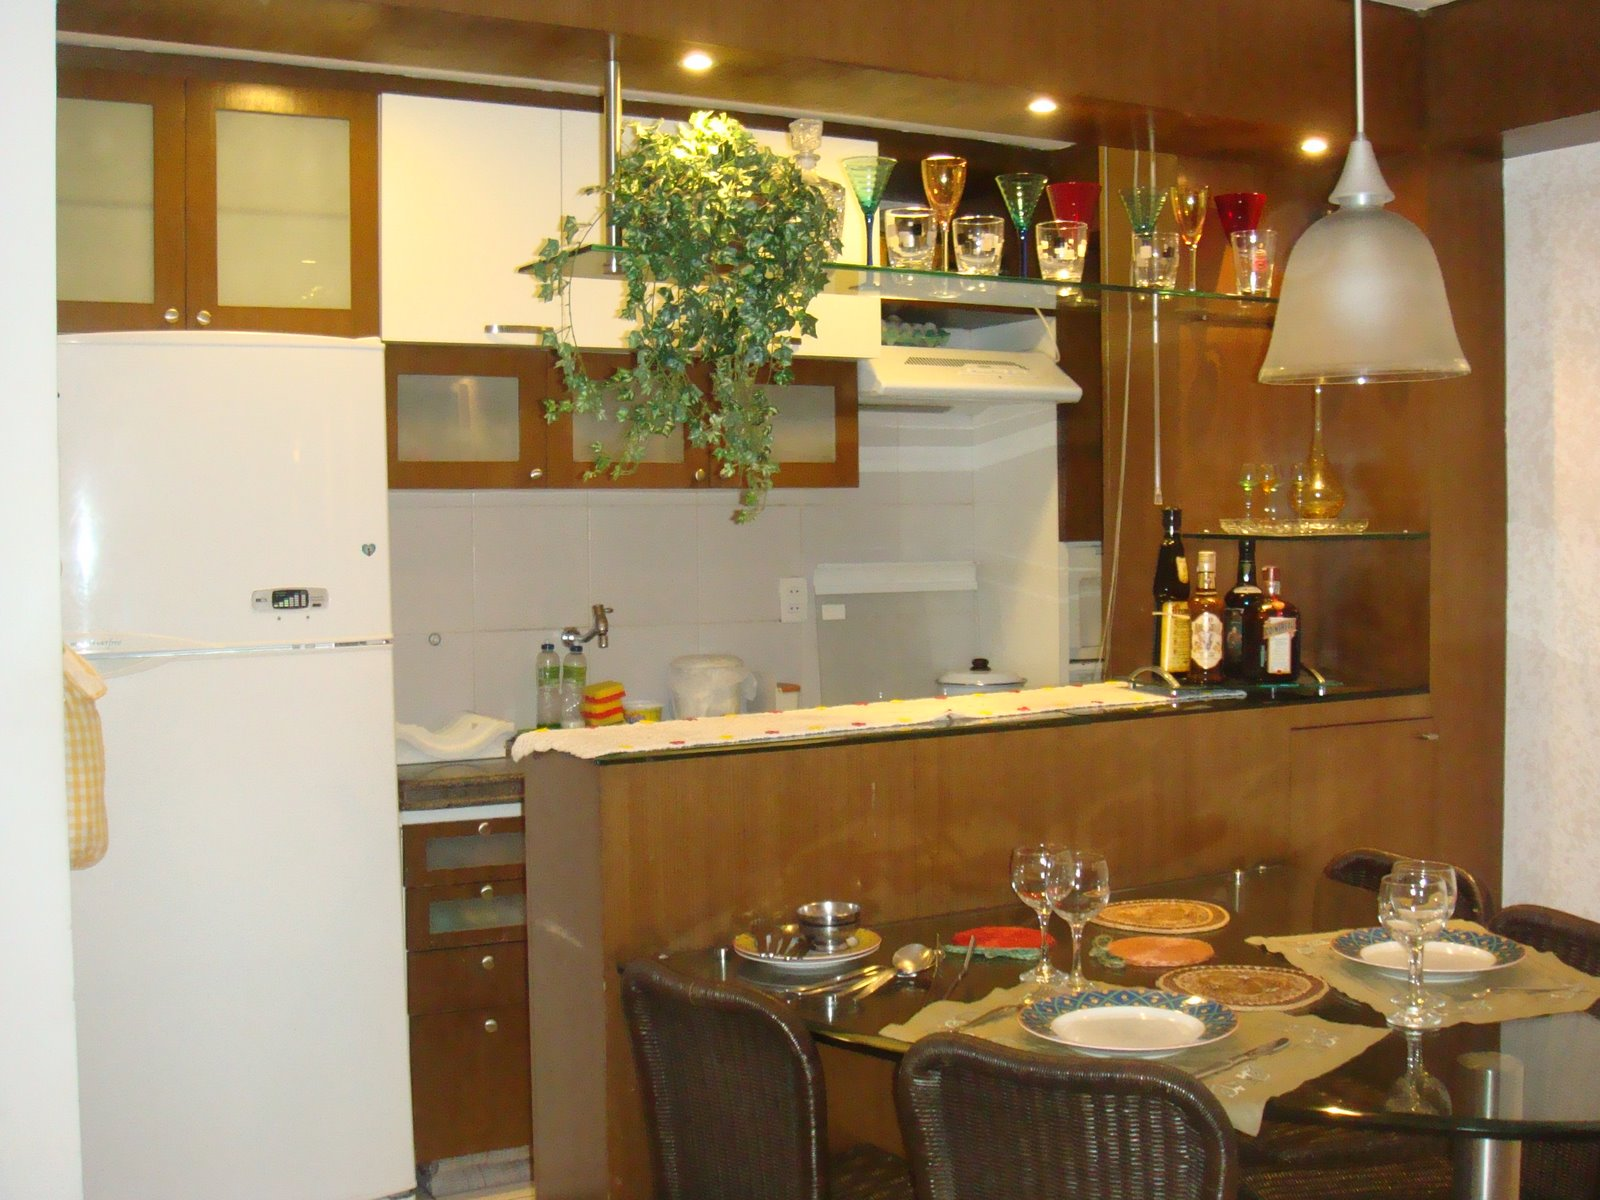 Senhora Justo! Casa nova vida nova!: Cozinhas americanas! #6F441B 1600 1200